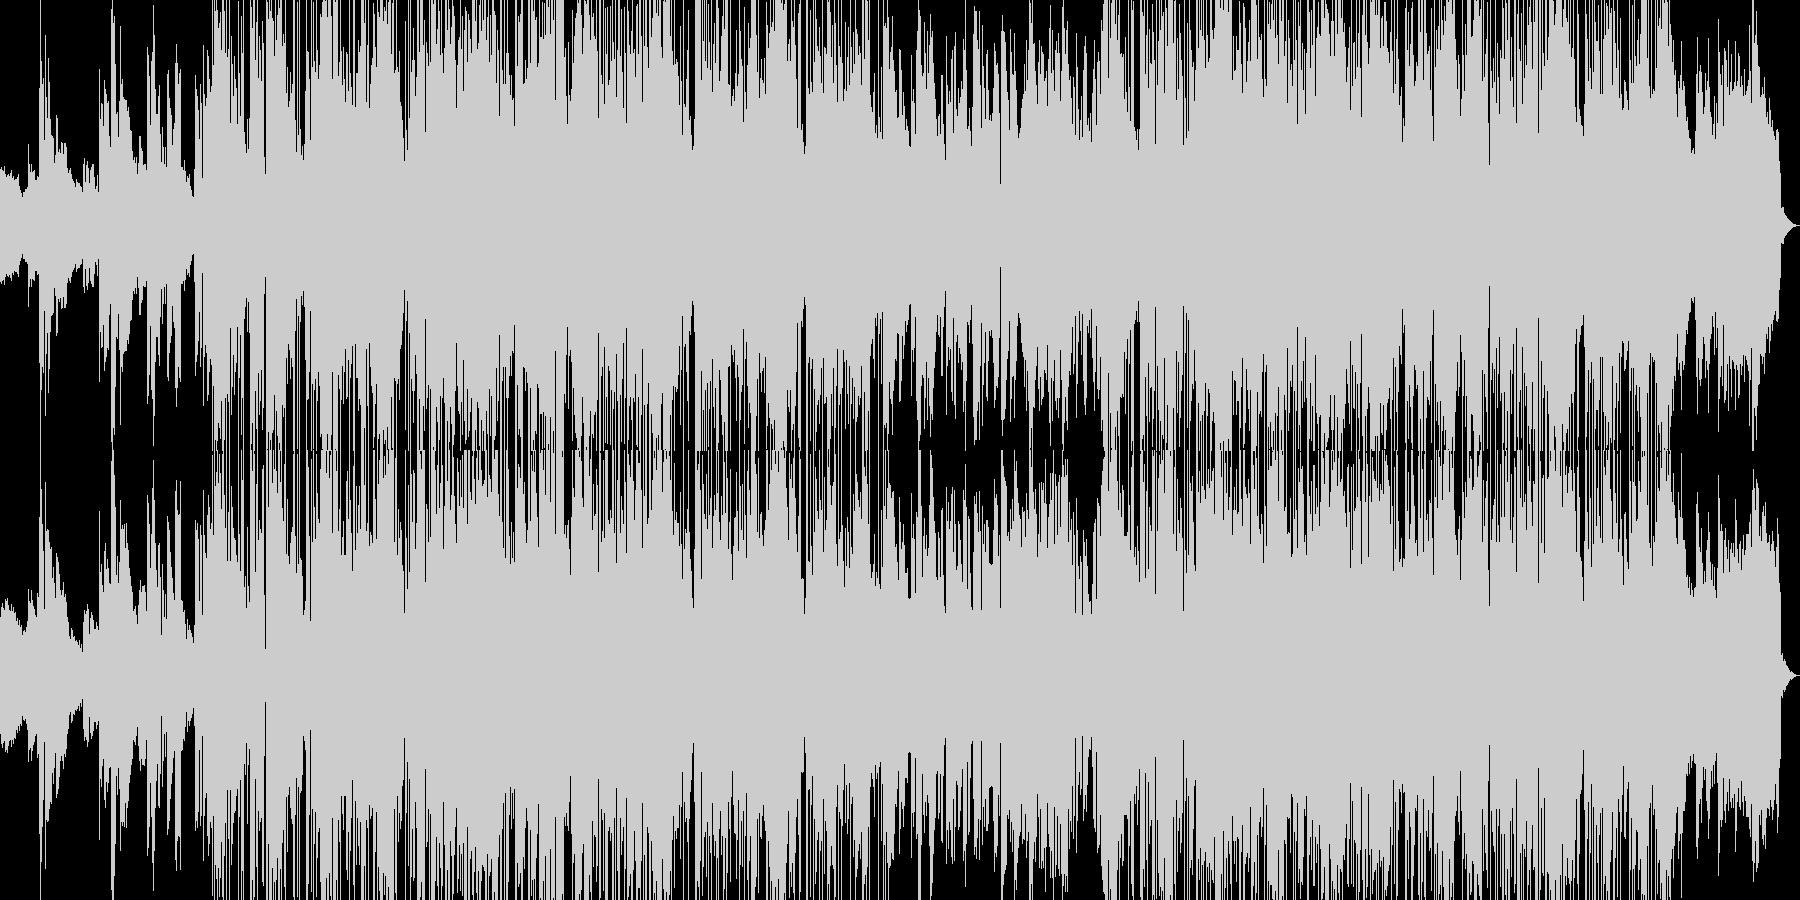 クールで爽やかな大人ジャズファンクの未再生の波形